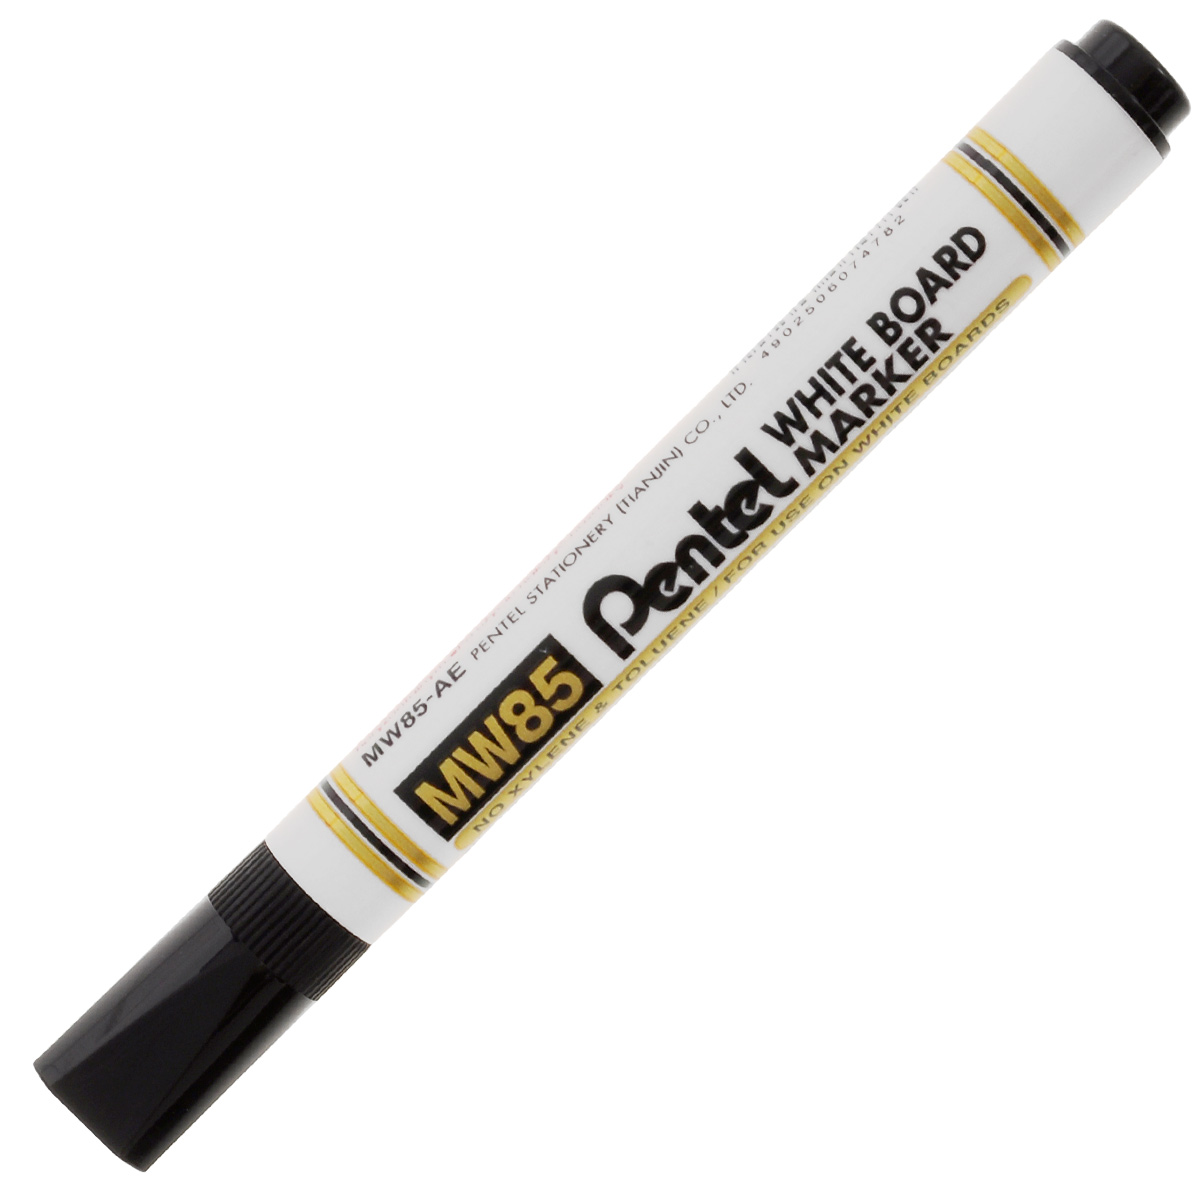 Маркер Pentel, для досок, цвет: черныйFS-36054Маркер Pentel черного цвета станет для вас верным помощником при проведении презентаций или семинаров.Маркер выполнен из пластика и предназначен для письма на доске. Корпус маркера белого цвета, а цвет колпачка соответствует цвету чернил. Маркер обеспечивает ровные и четкие линии, диаметр стержня 4,2 мм. Уникальный квадратный колпачок не позволит ему скатиться со стола, и он всегда будет у вас под рукой.Рекомендуемый возраст: от 3 лет.